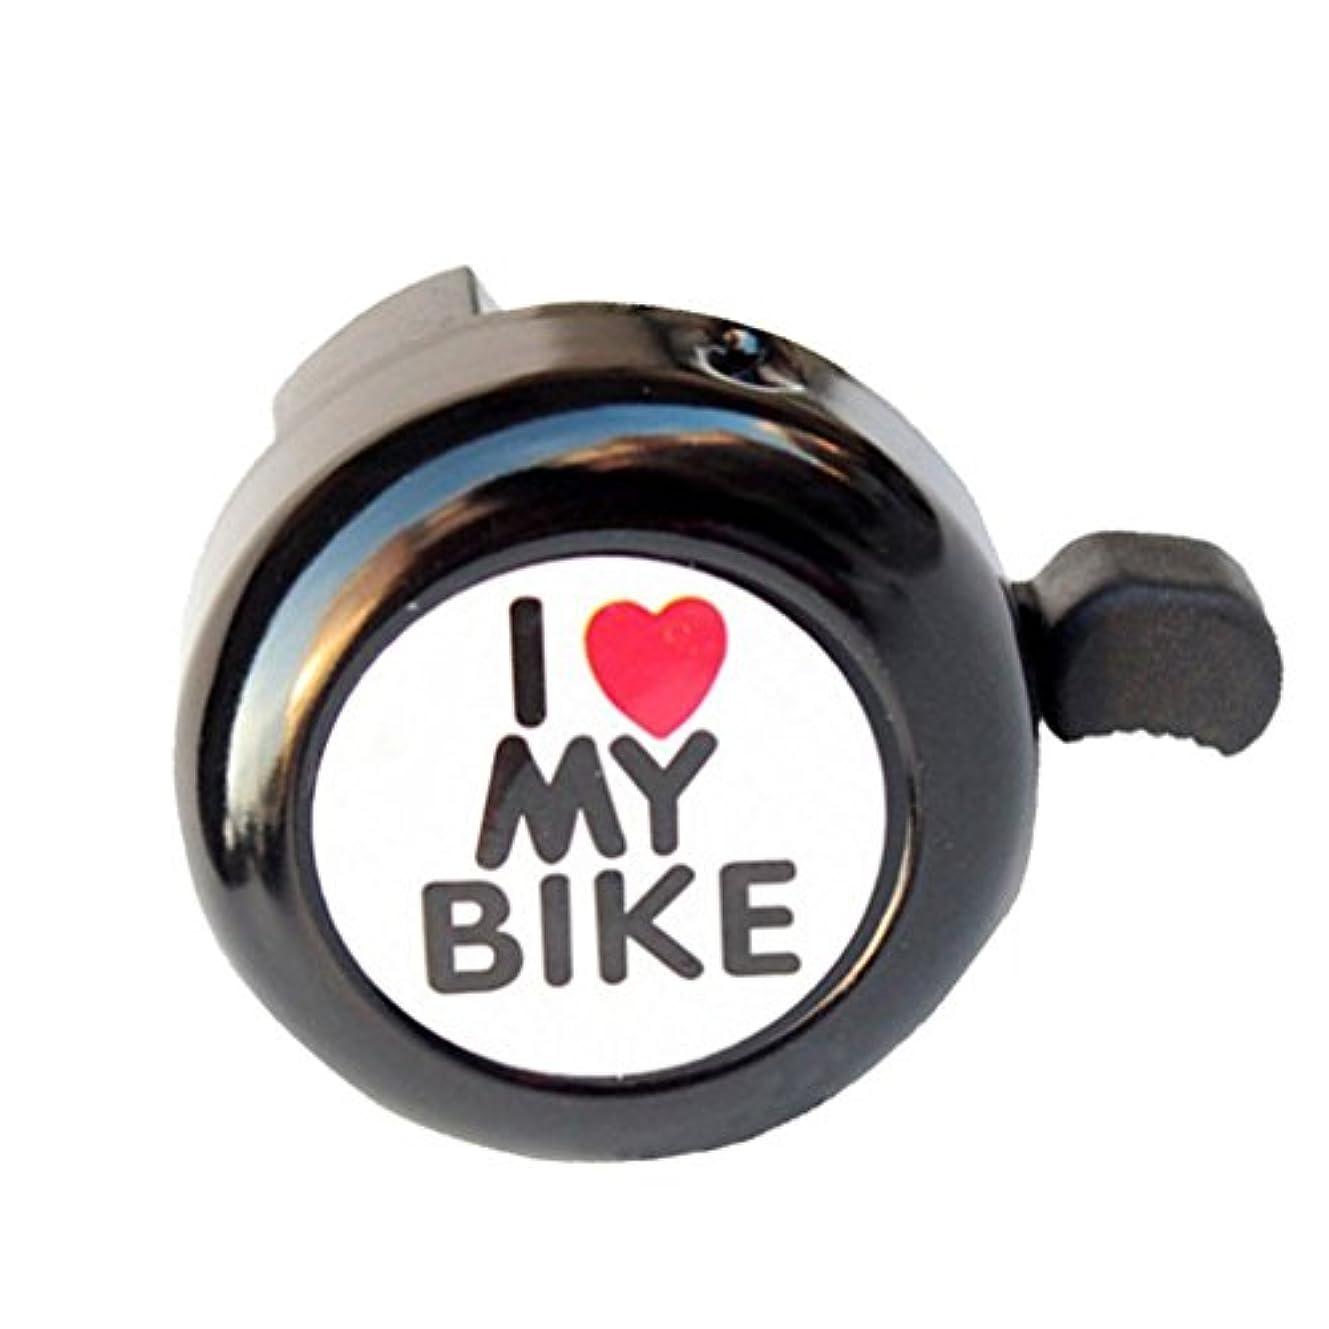 タップ偶然の確かめるquaanti便利自転車ベルハートアラームバイクメタルハンドルホーンProfessional自転車アクセサリーベルリング ブラック Quaanti